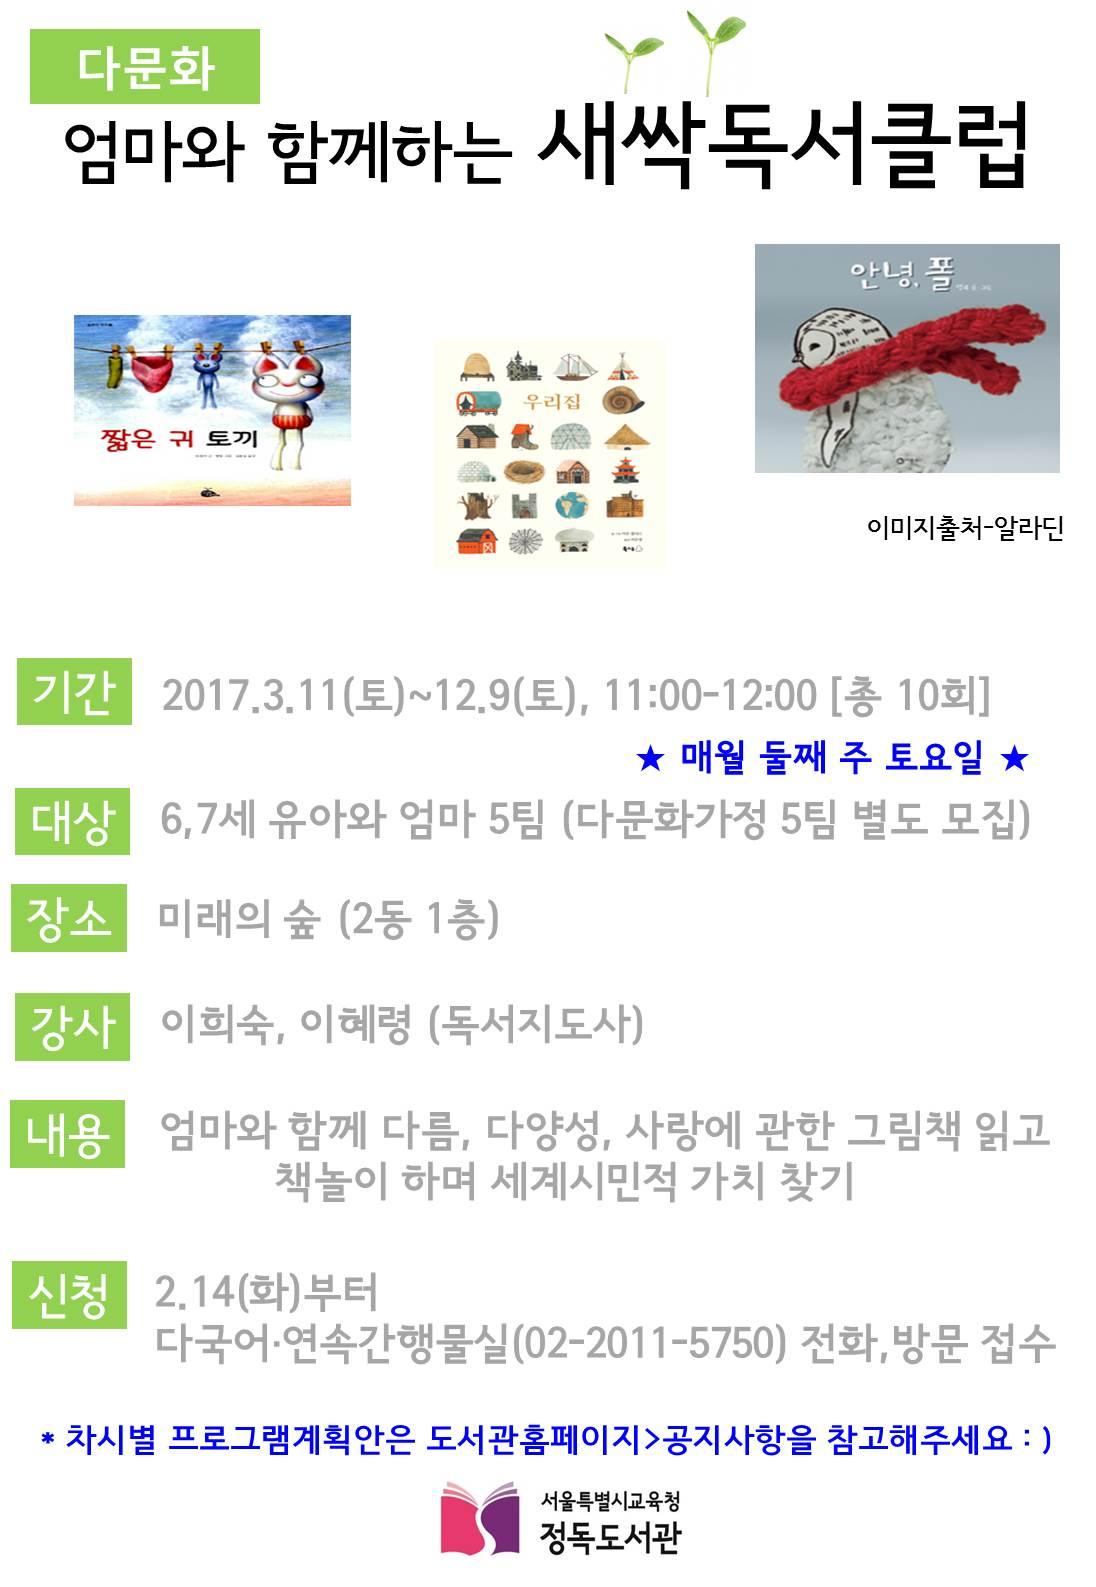 엄마와 함께하는 새싹독서클럽 홍보문